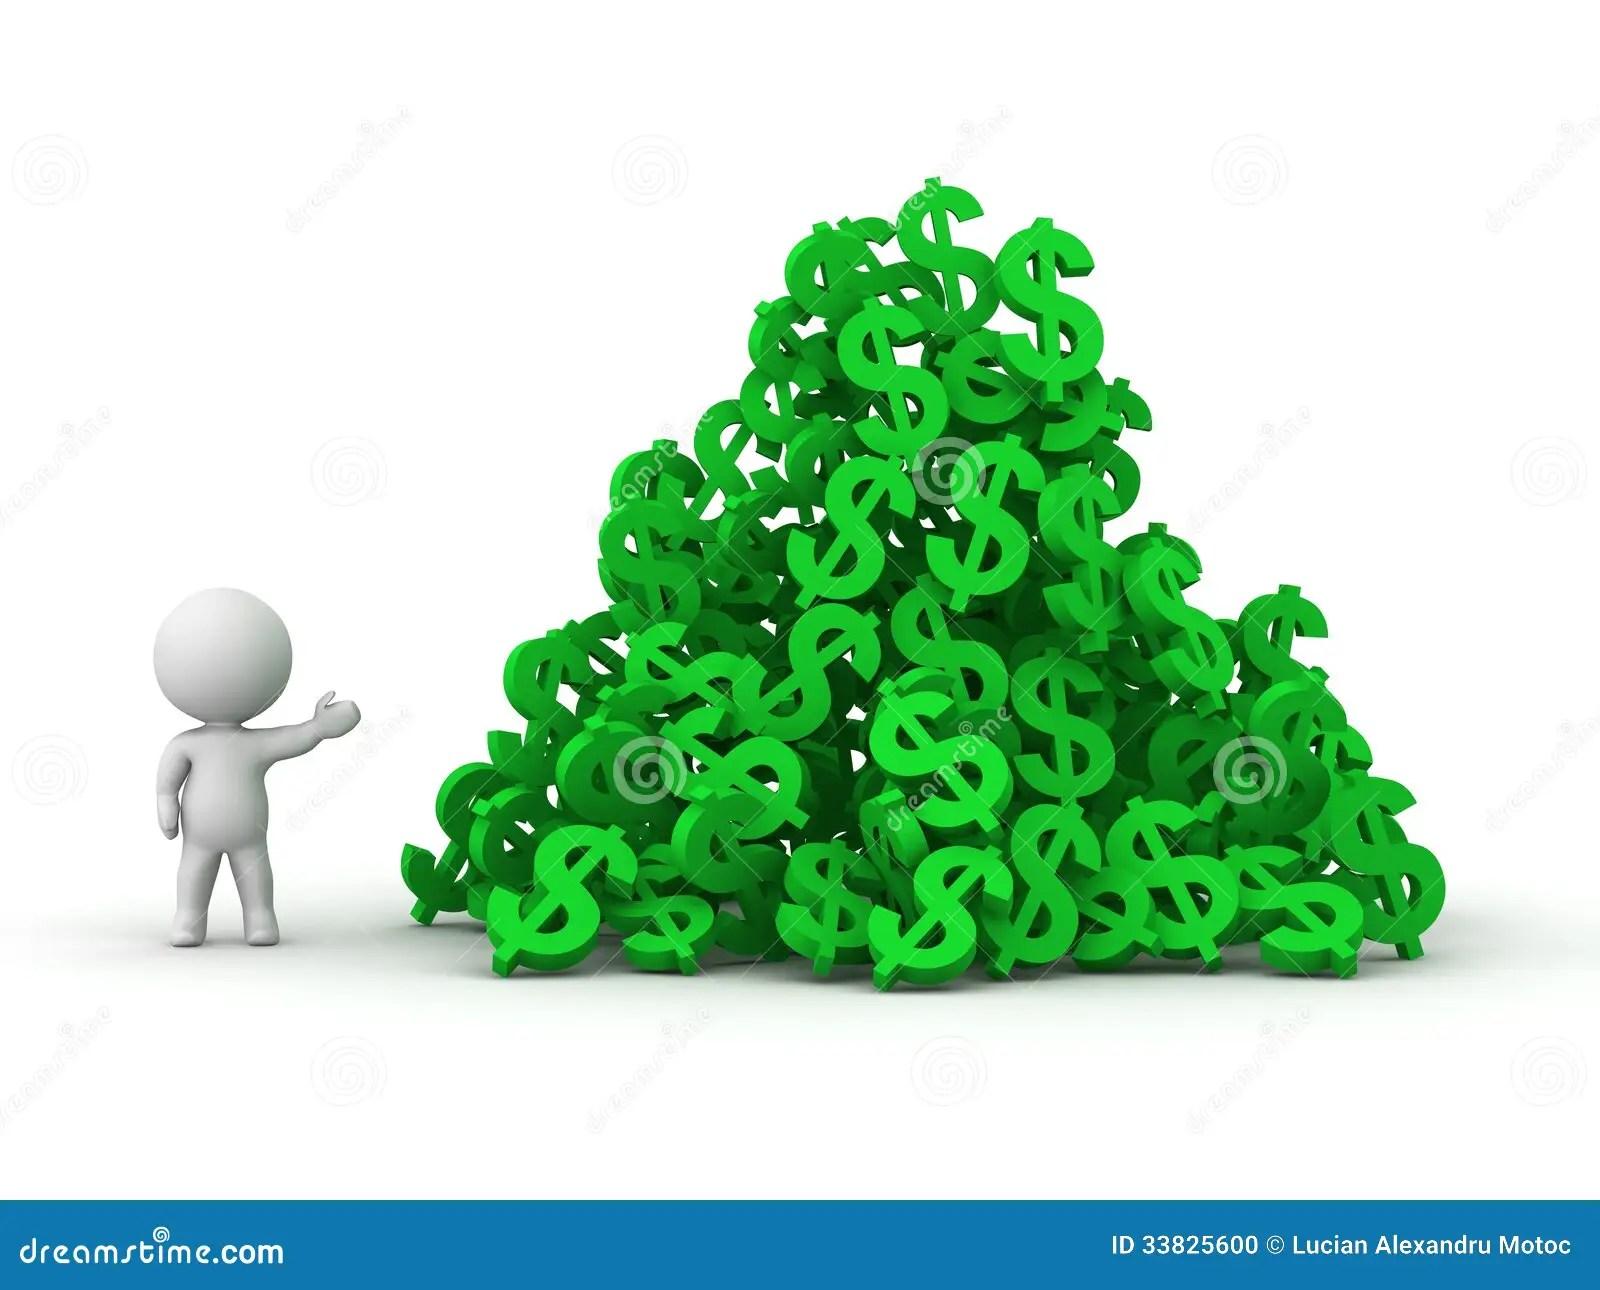 3D Man Climbing Huge Pile Of Dollar Symbols Stock Photo